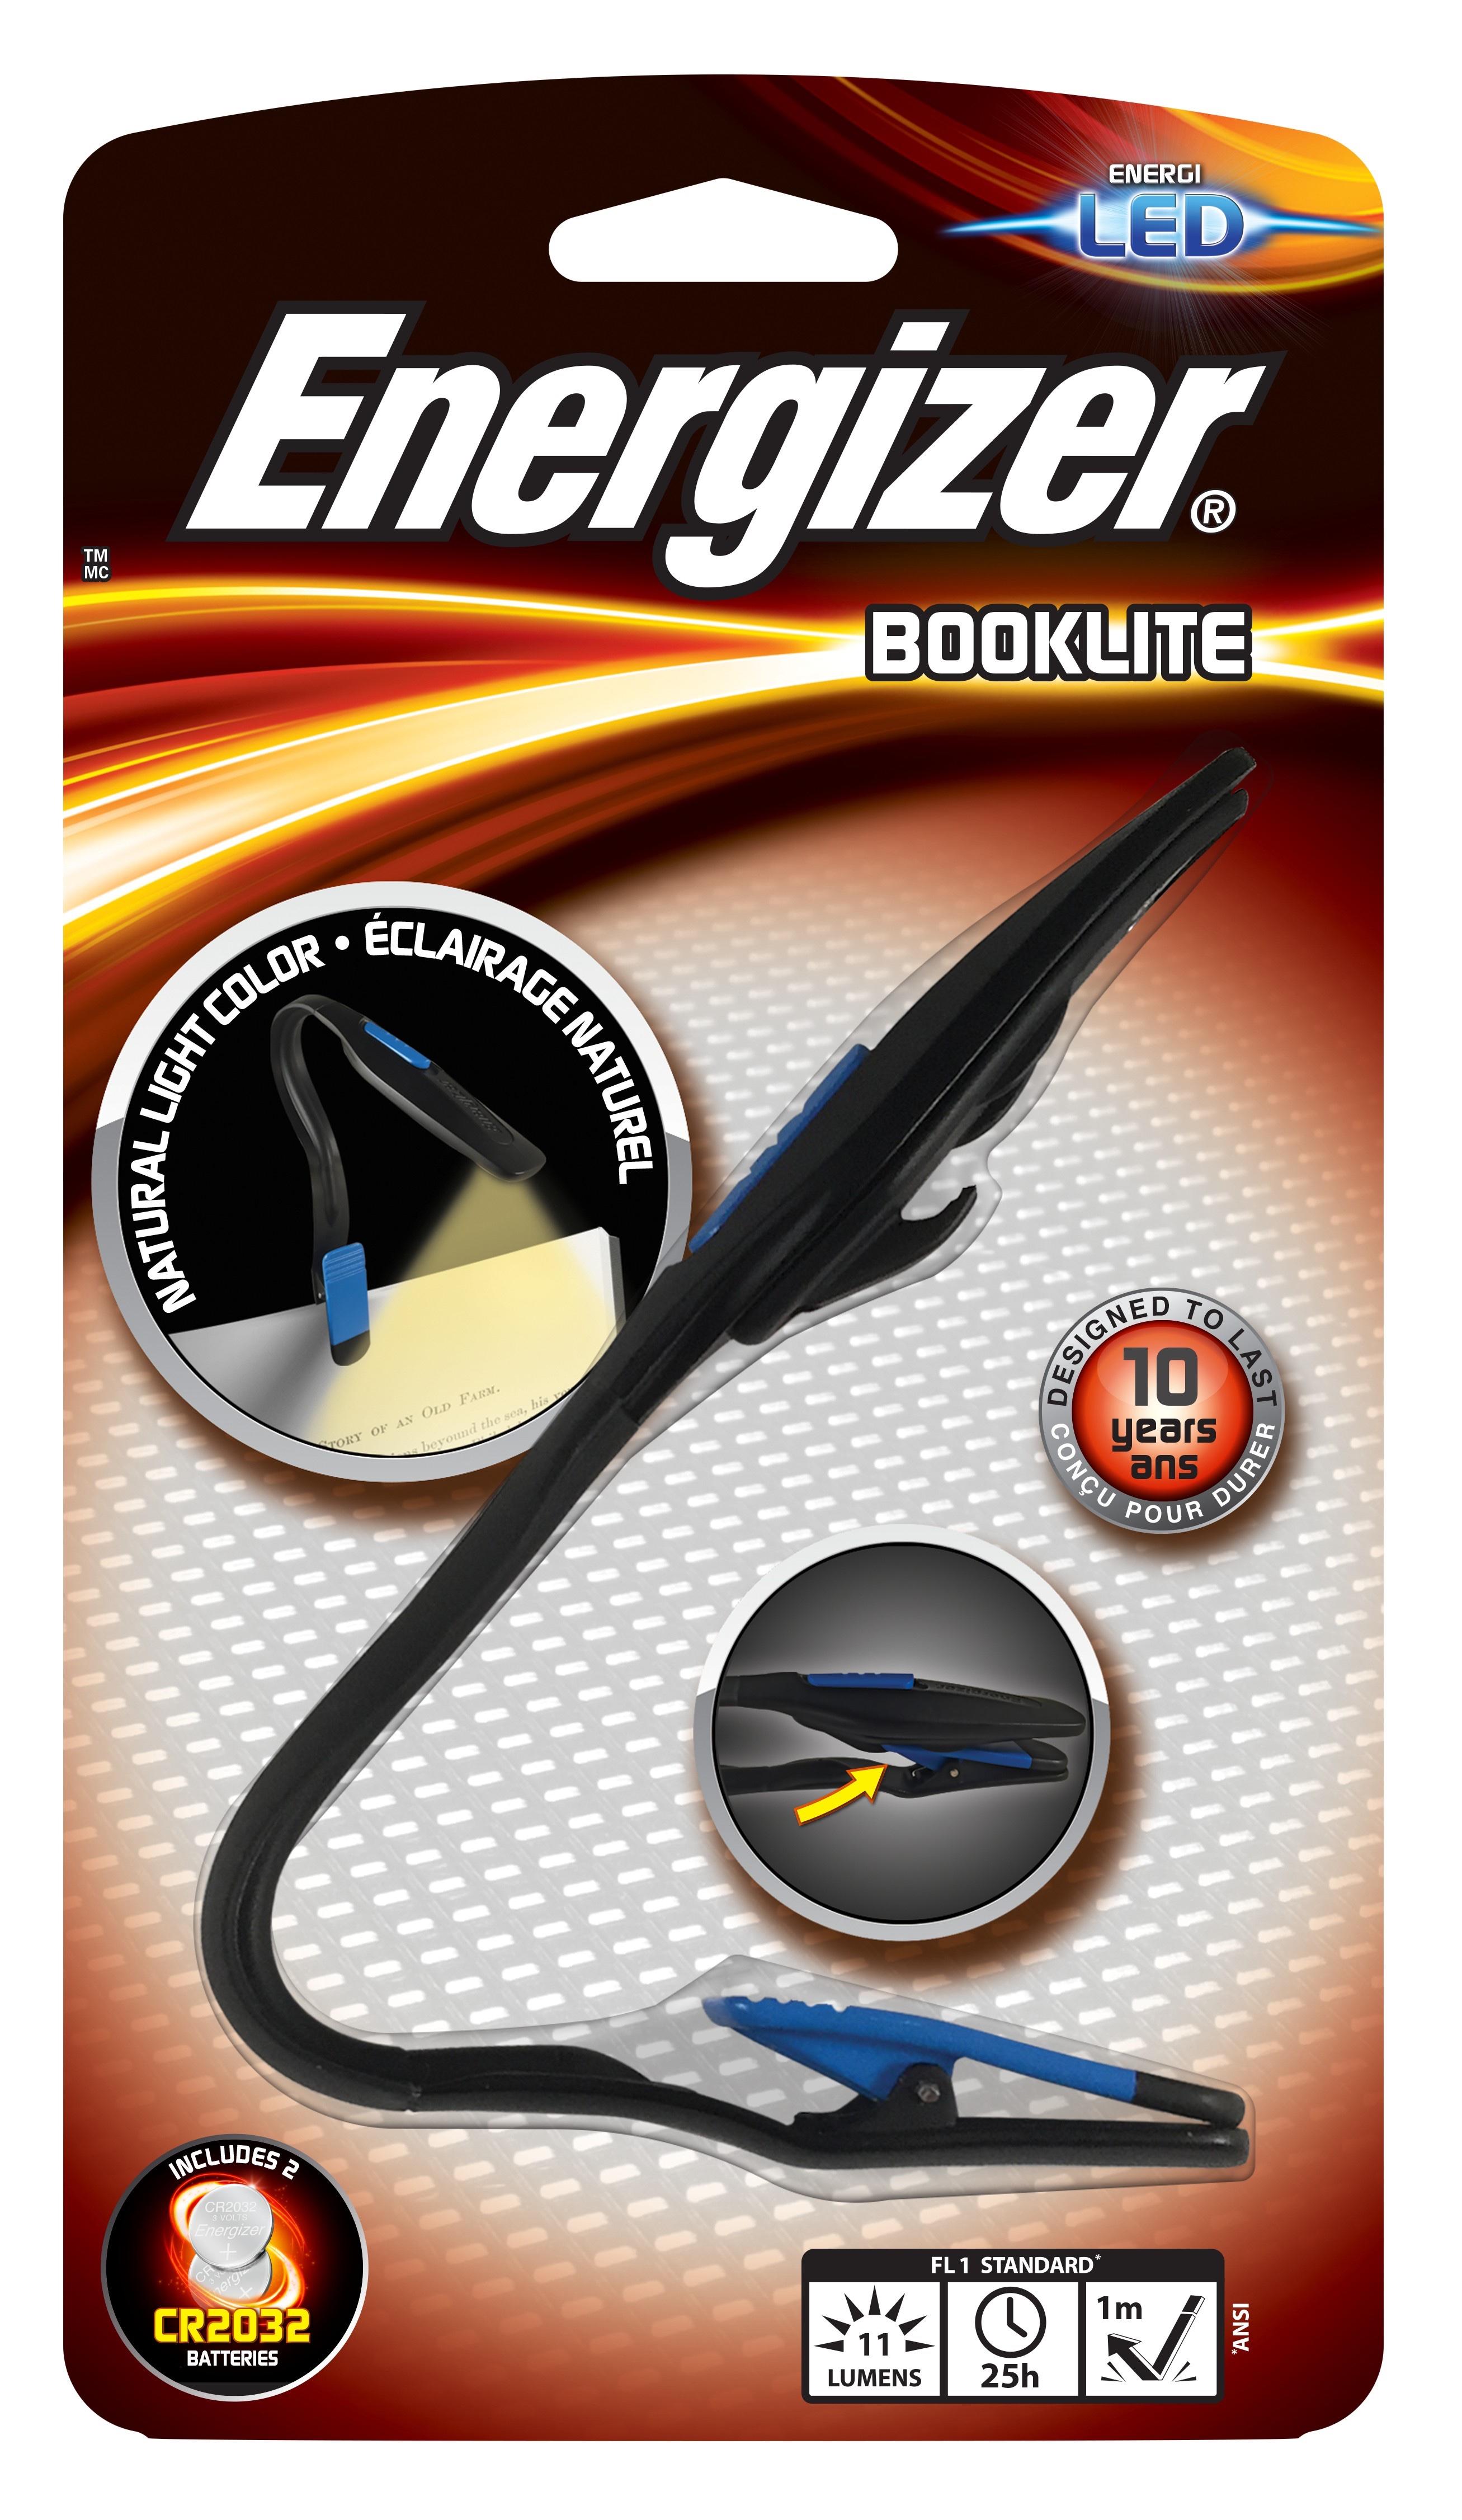 Energizer Booklite lampada LED